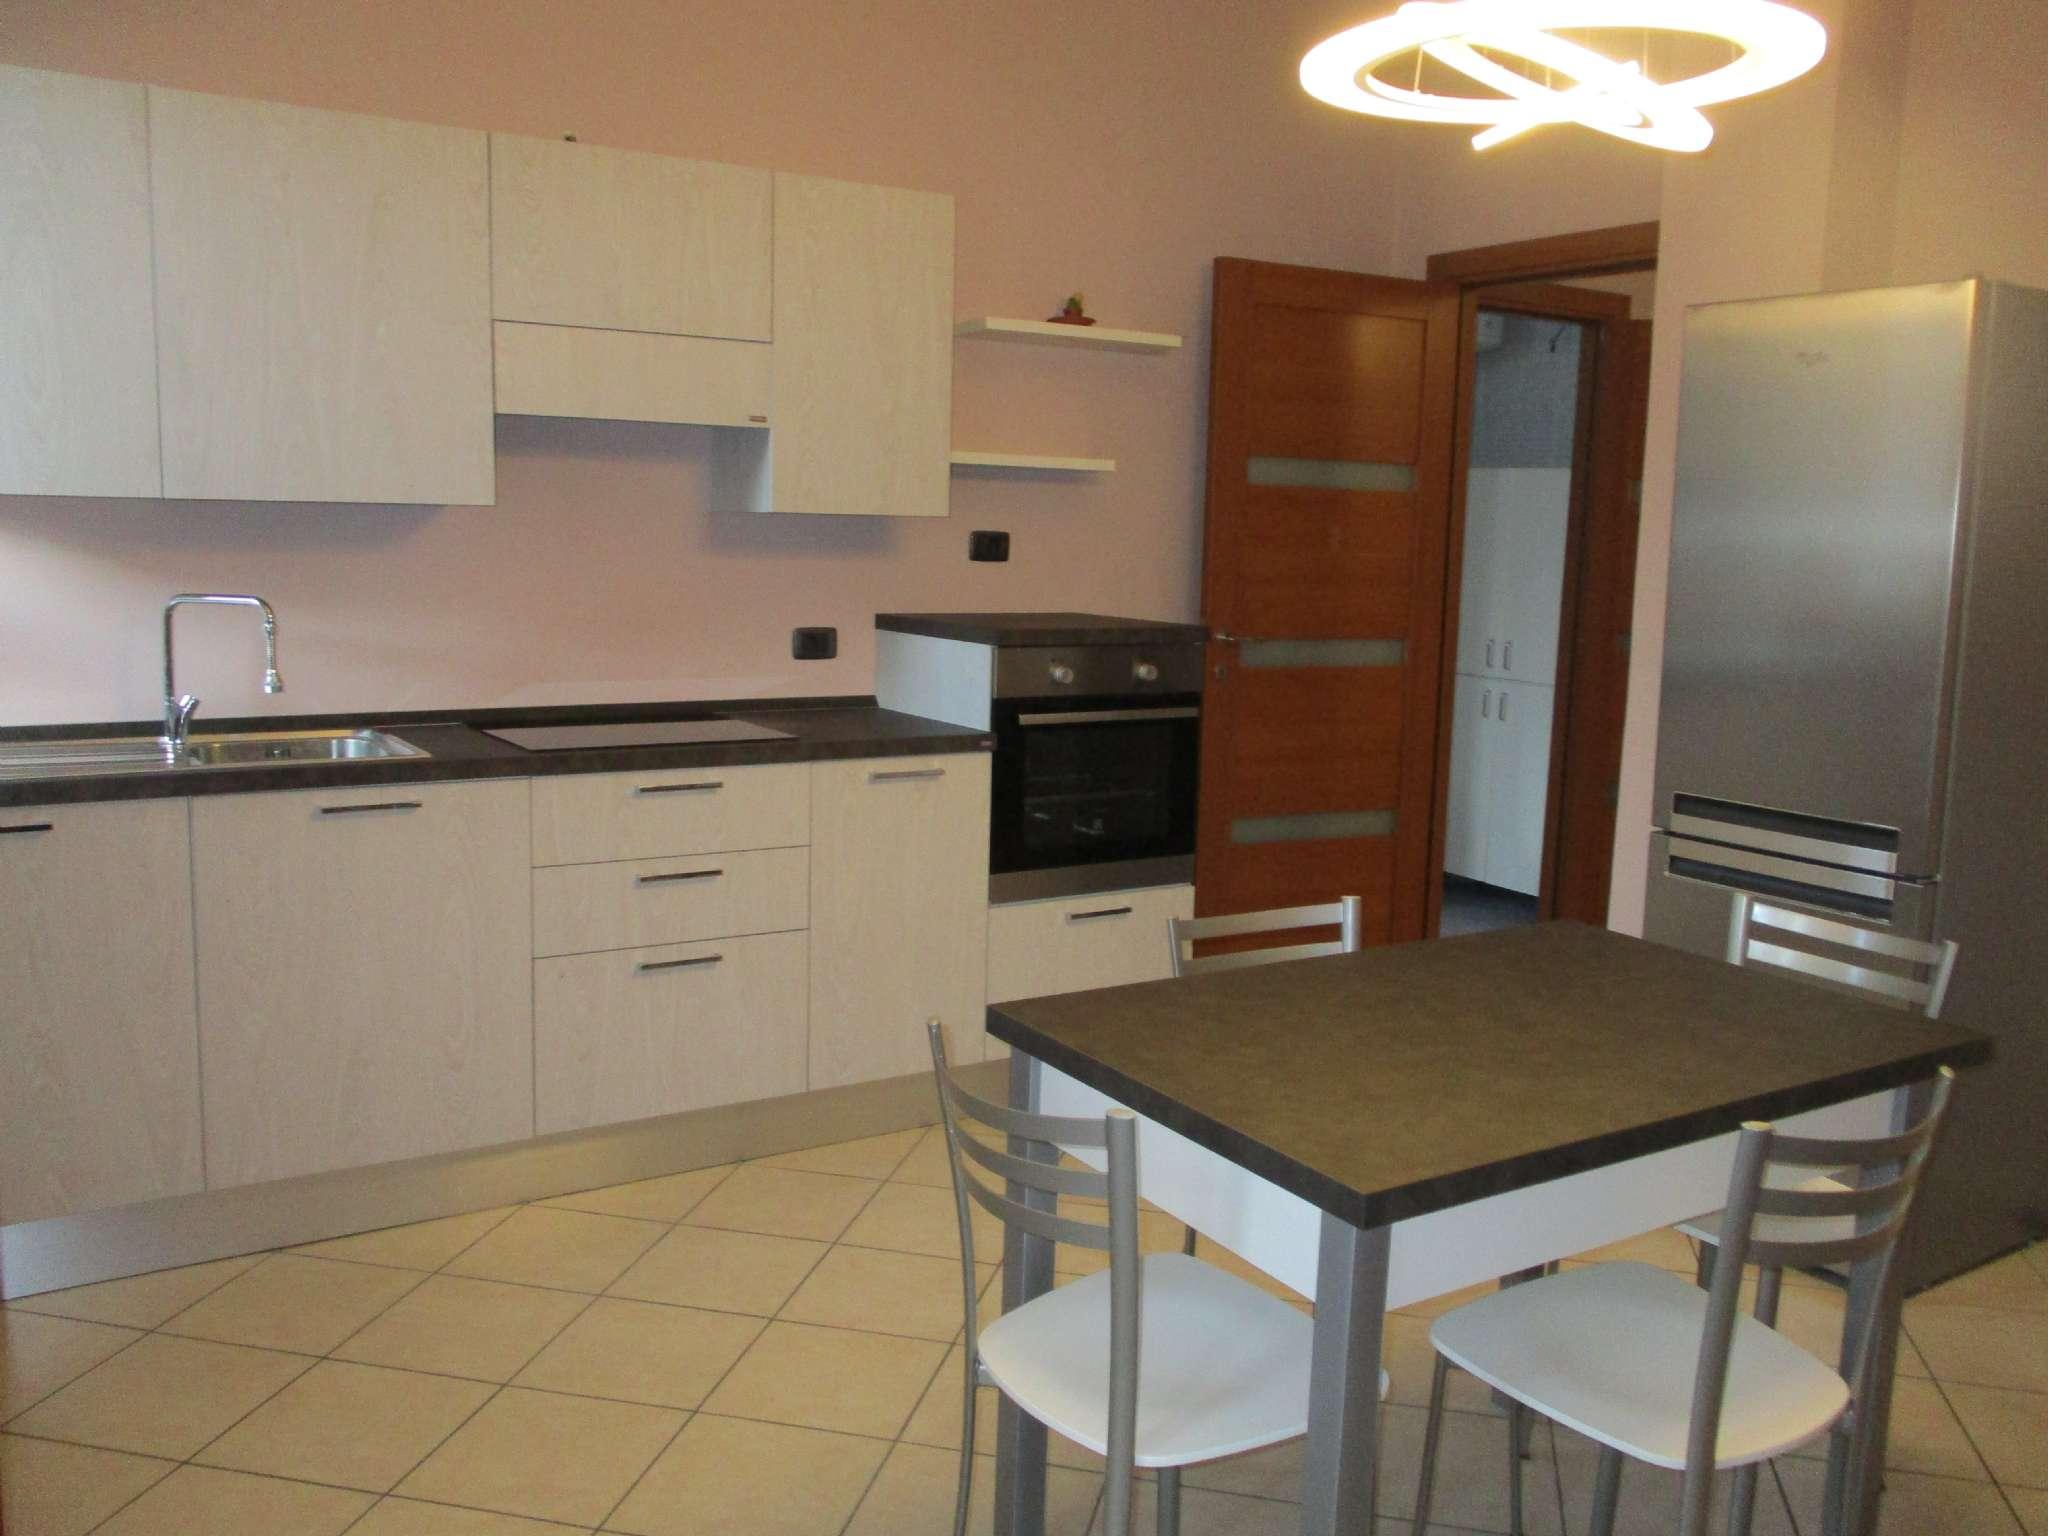 Appartamento in affitto a Moncalieri, 2 locali, prezzo € 470 | PortaleAgenzieImmobiliari.it